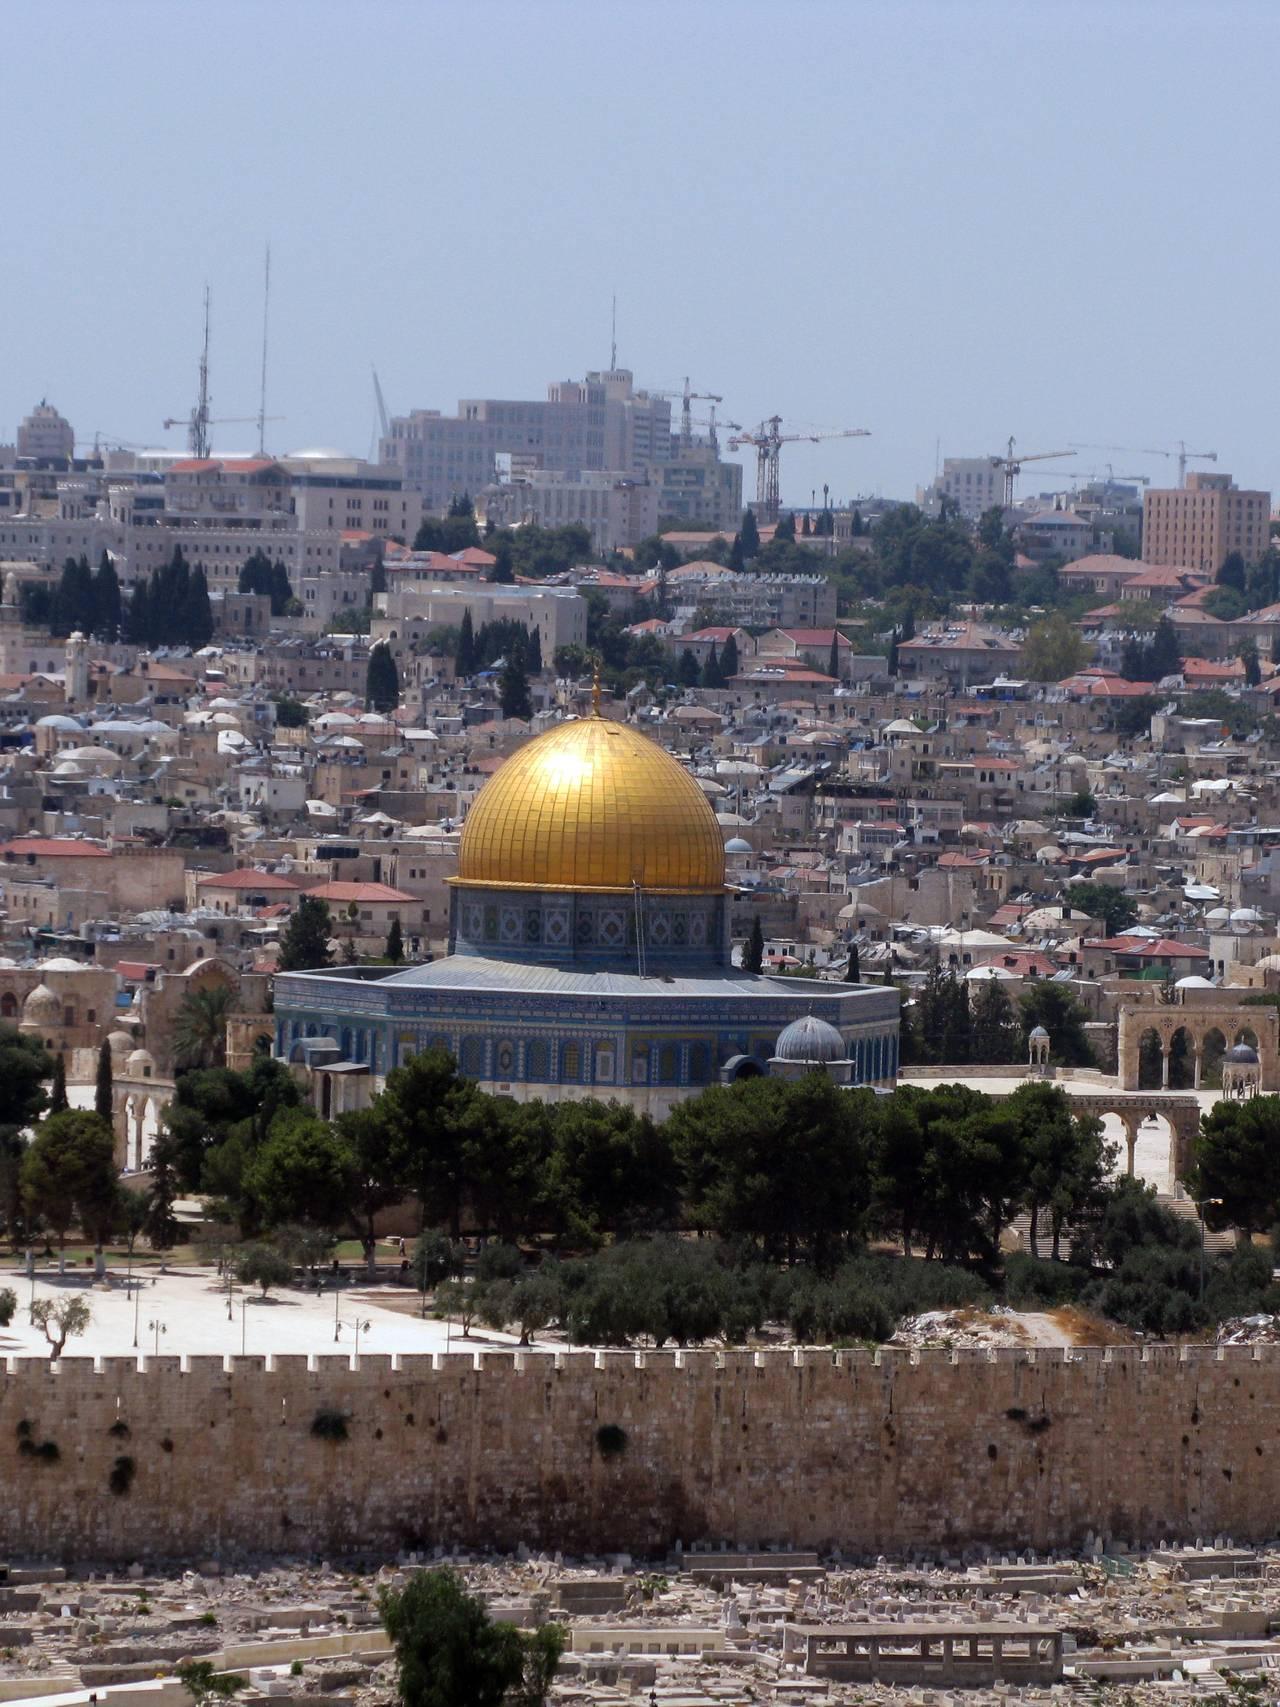 tempelhøyden Jerusalem